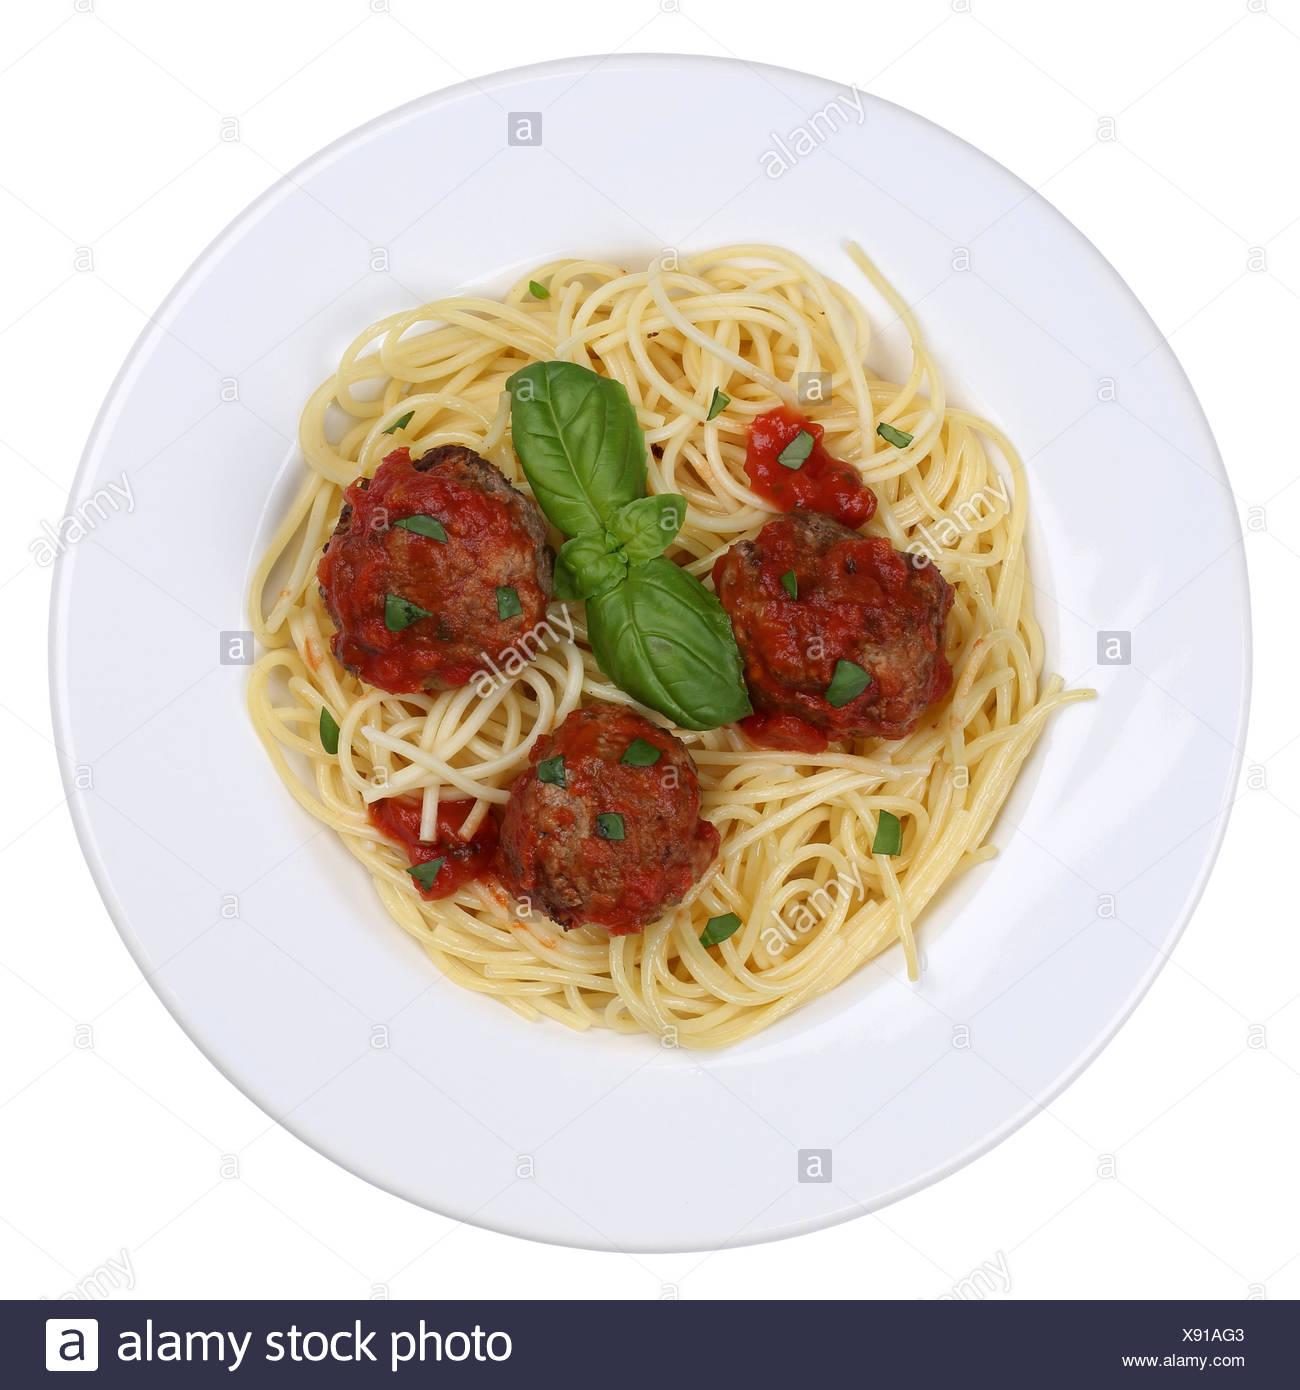 Spaghetti mit Hackfleisch Bällchen Nudeln Pasta Gericht Freisteller - Stock Image